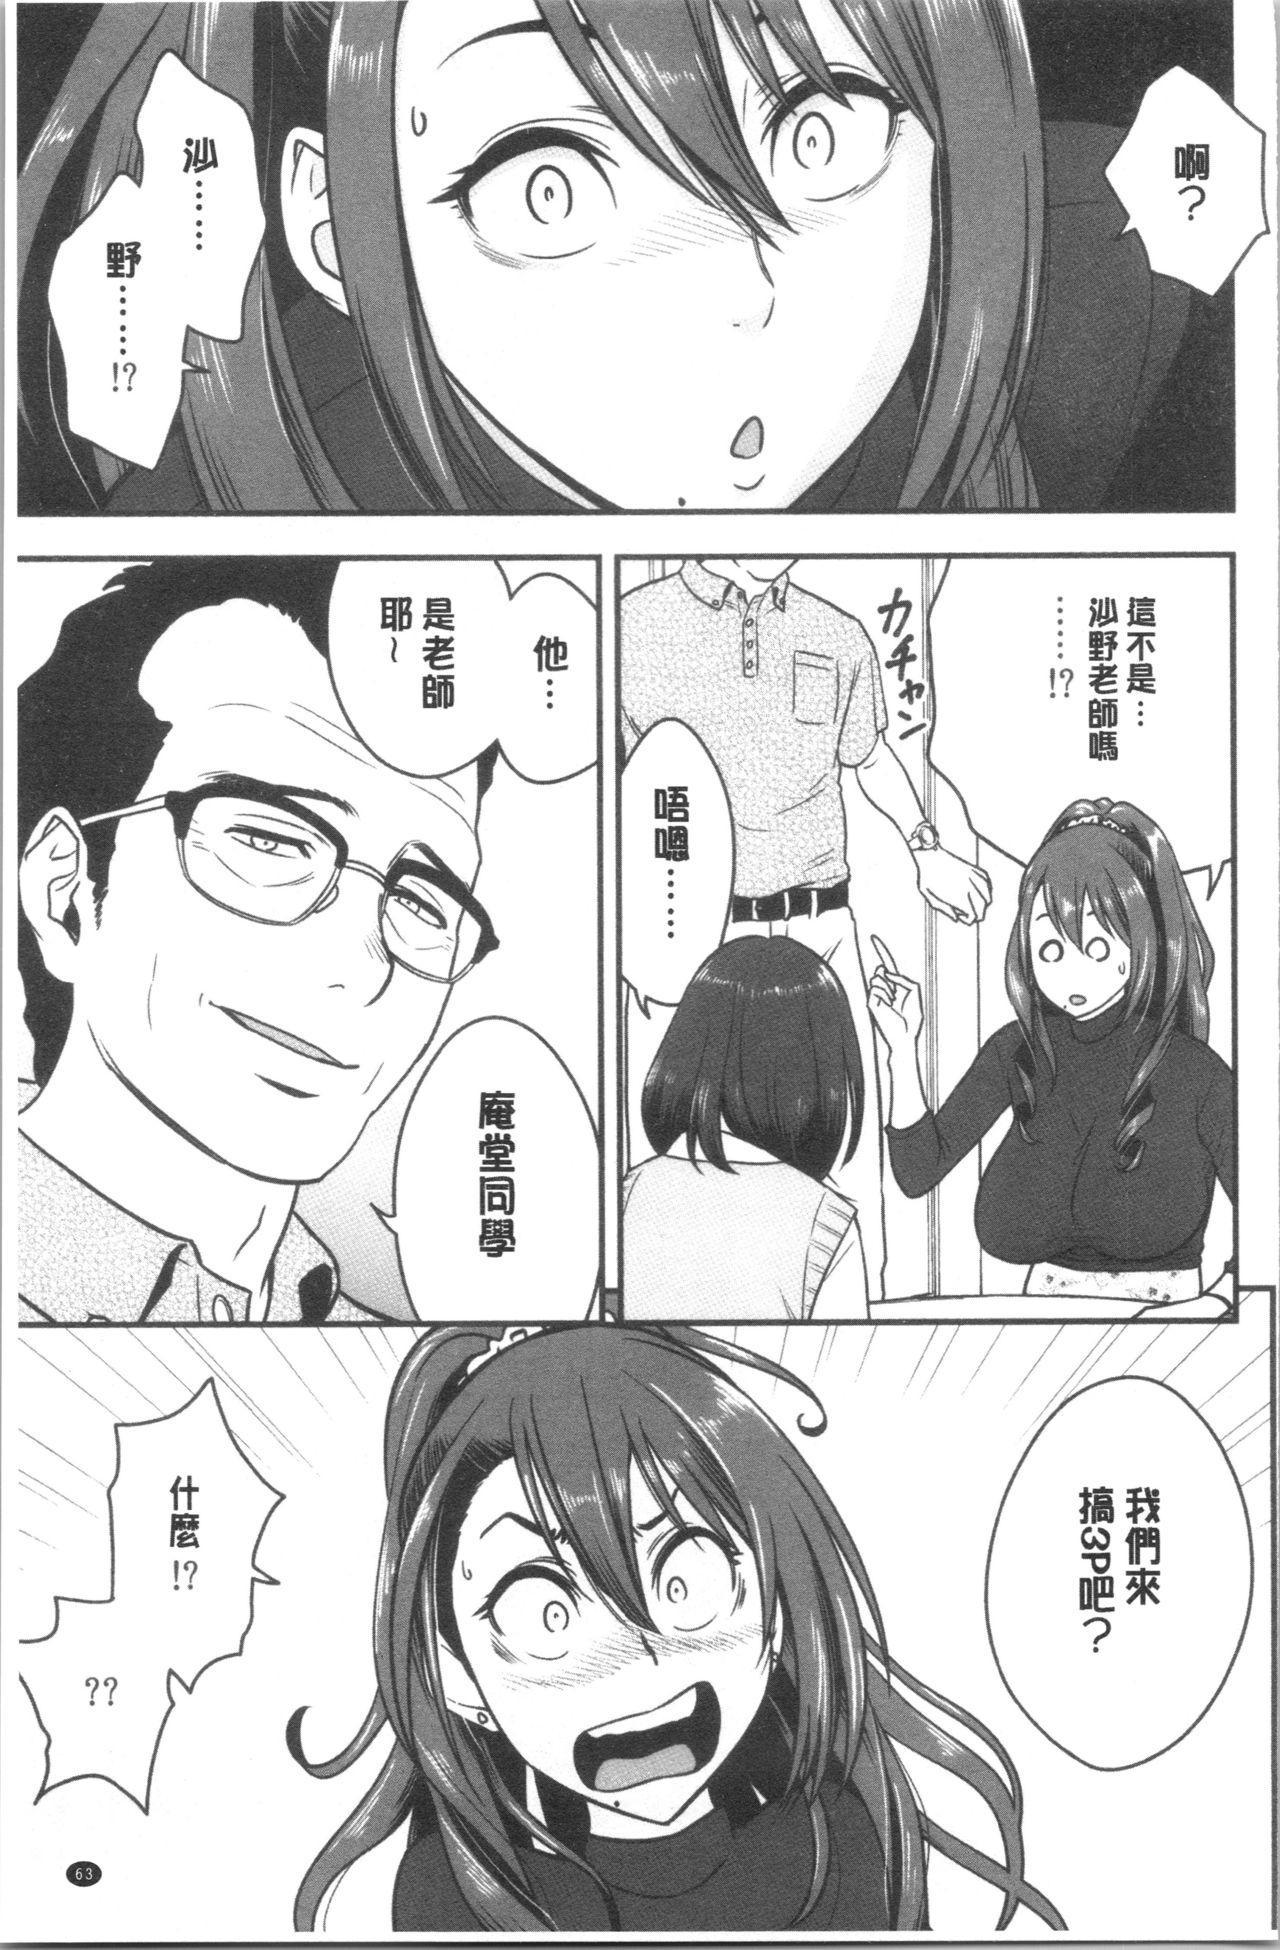 [Tatsunami Youtoku] Dankon Sousai -Hitozuma Kyoushi ga Netorareru made no Kiroku- | 男根想妻 -人妻女教師被寢取偷吃為止的記錄- [Chinese] 65